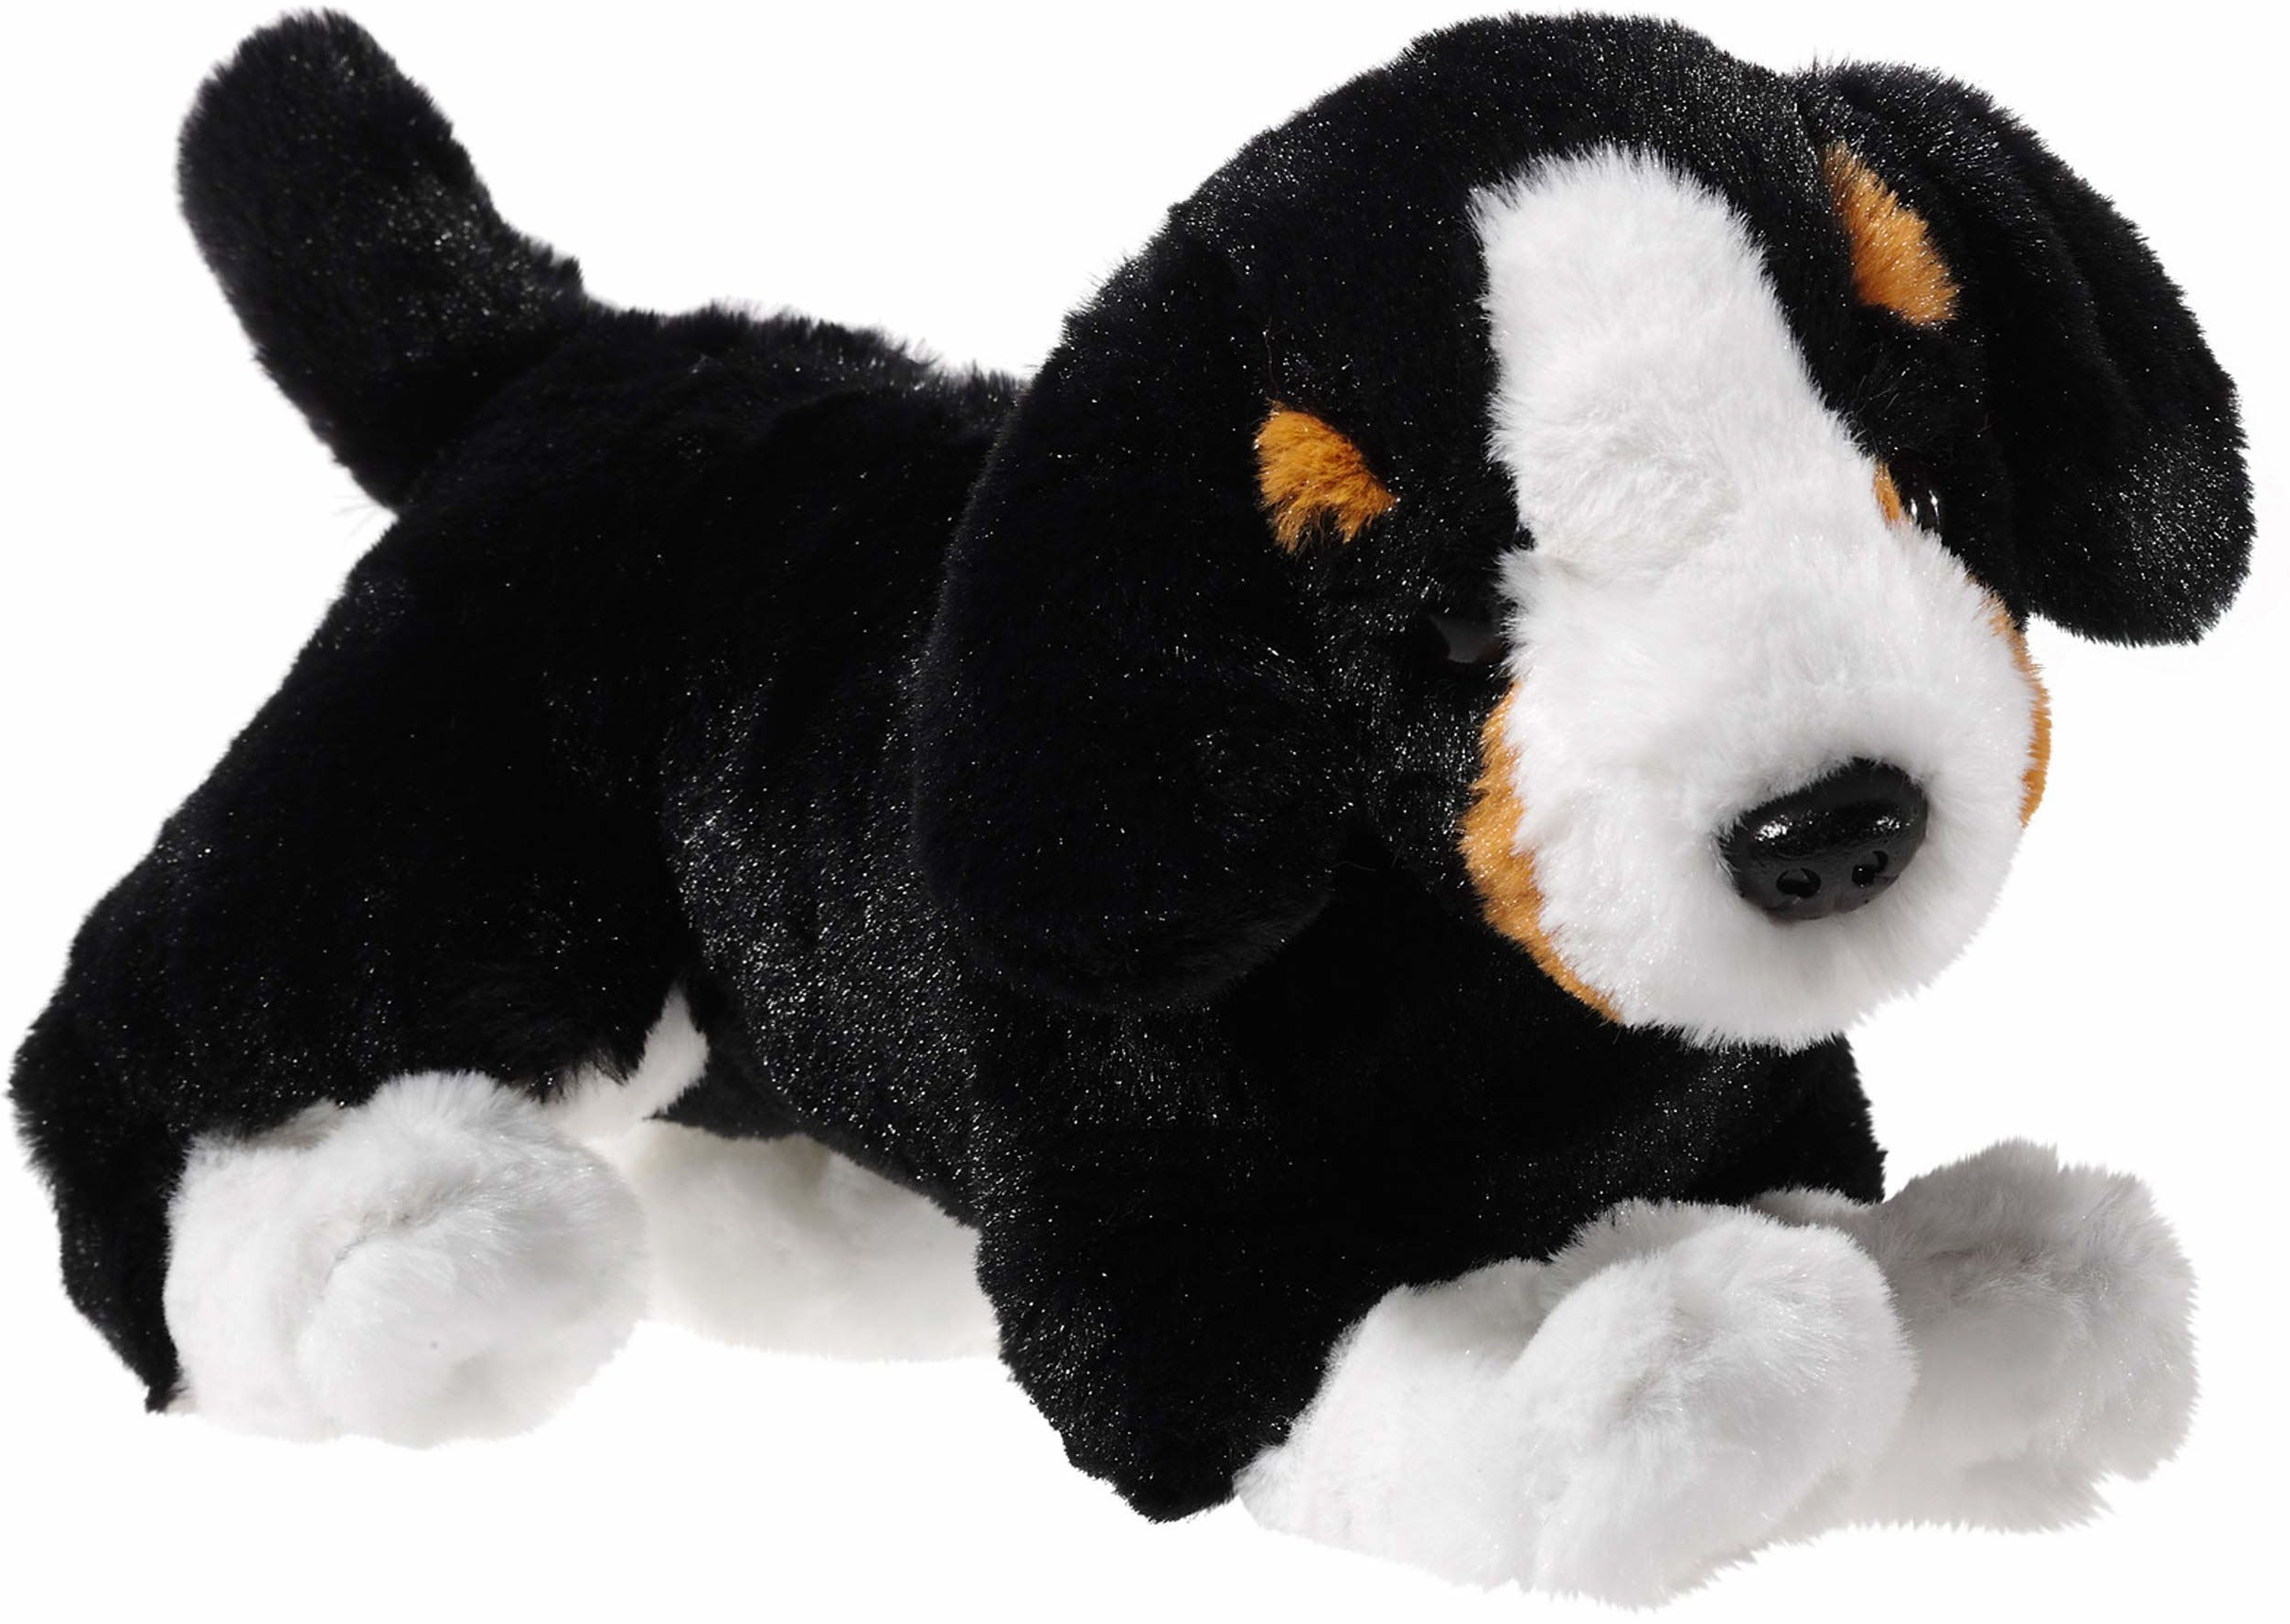 Heunec 301672 pluszowe zwierzątko, pies, berra Sennehund, czarny/brązowy/biały